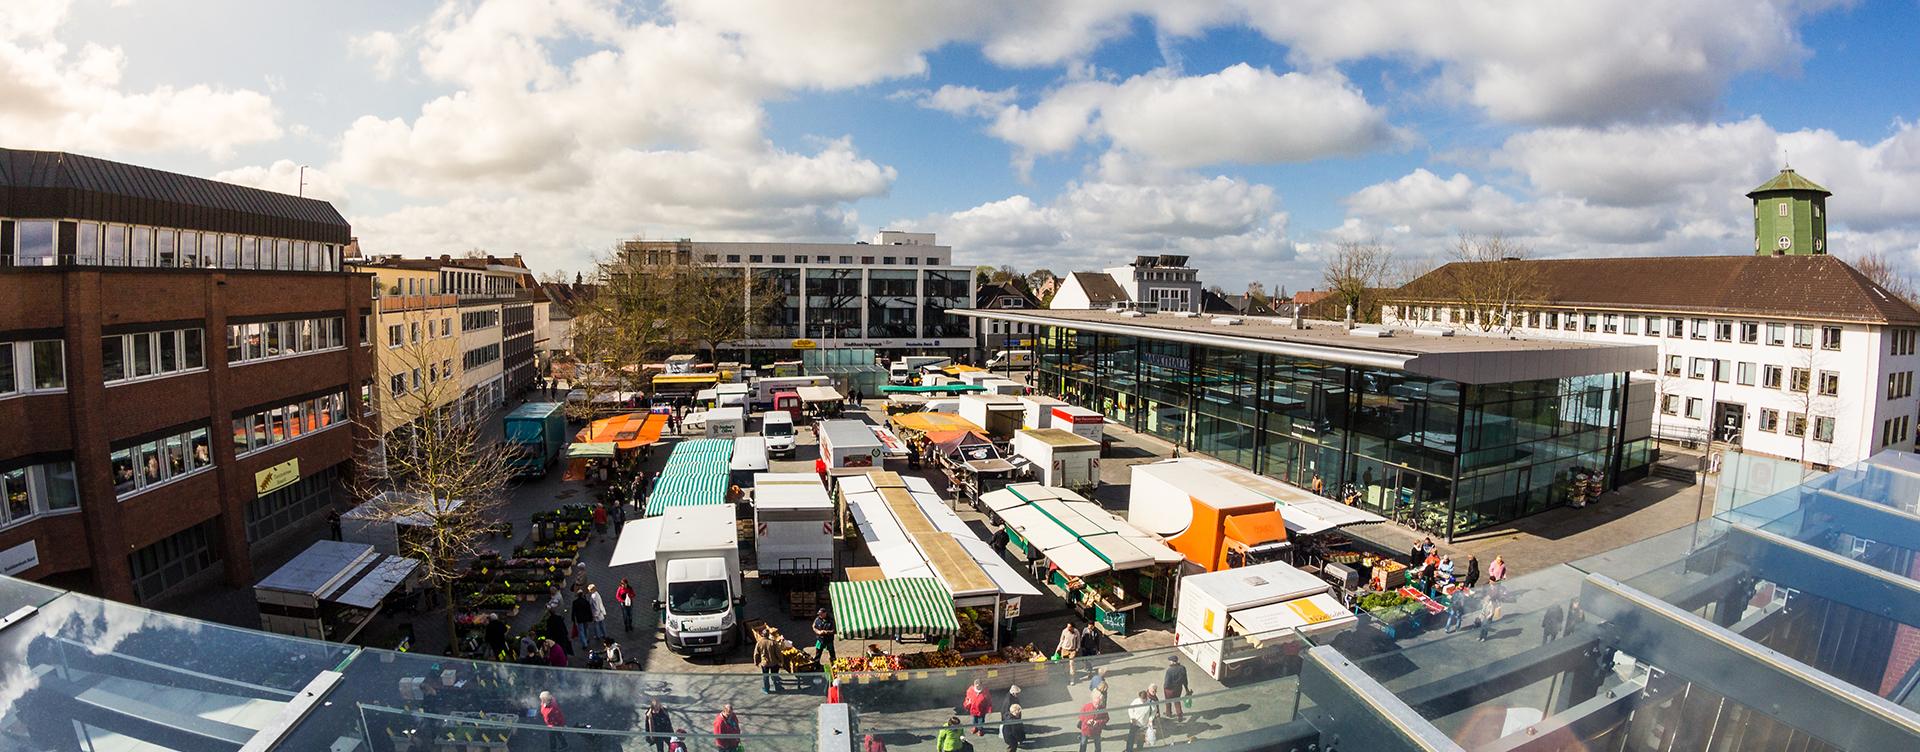 Wochenmarkt Vegesack - vegesack.de